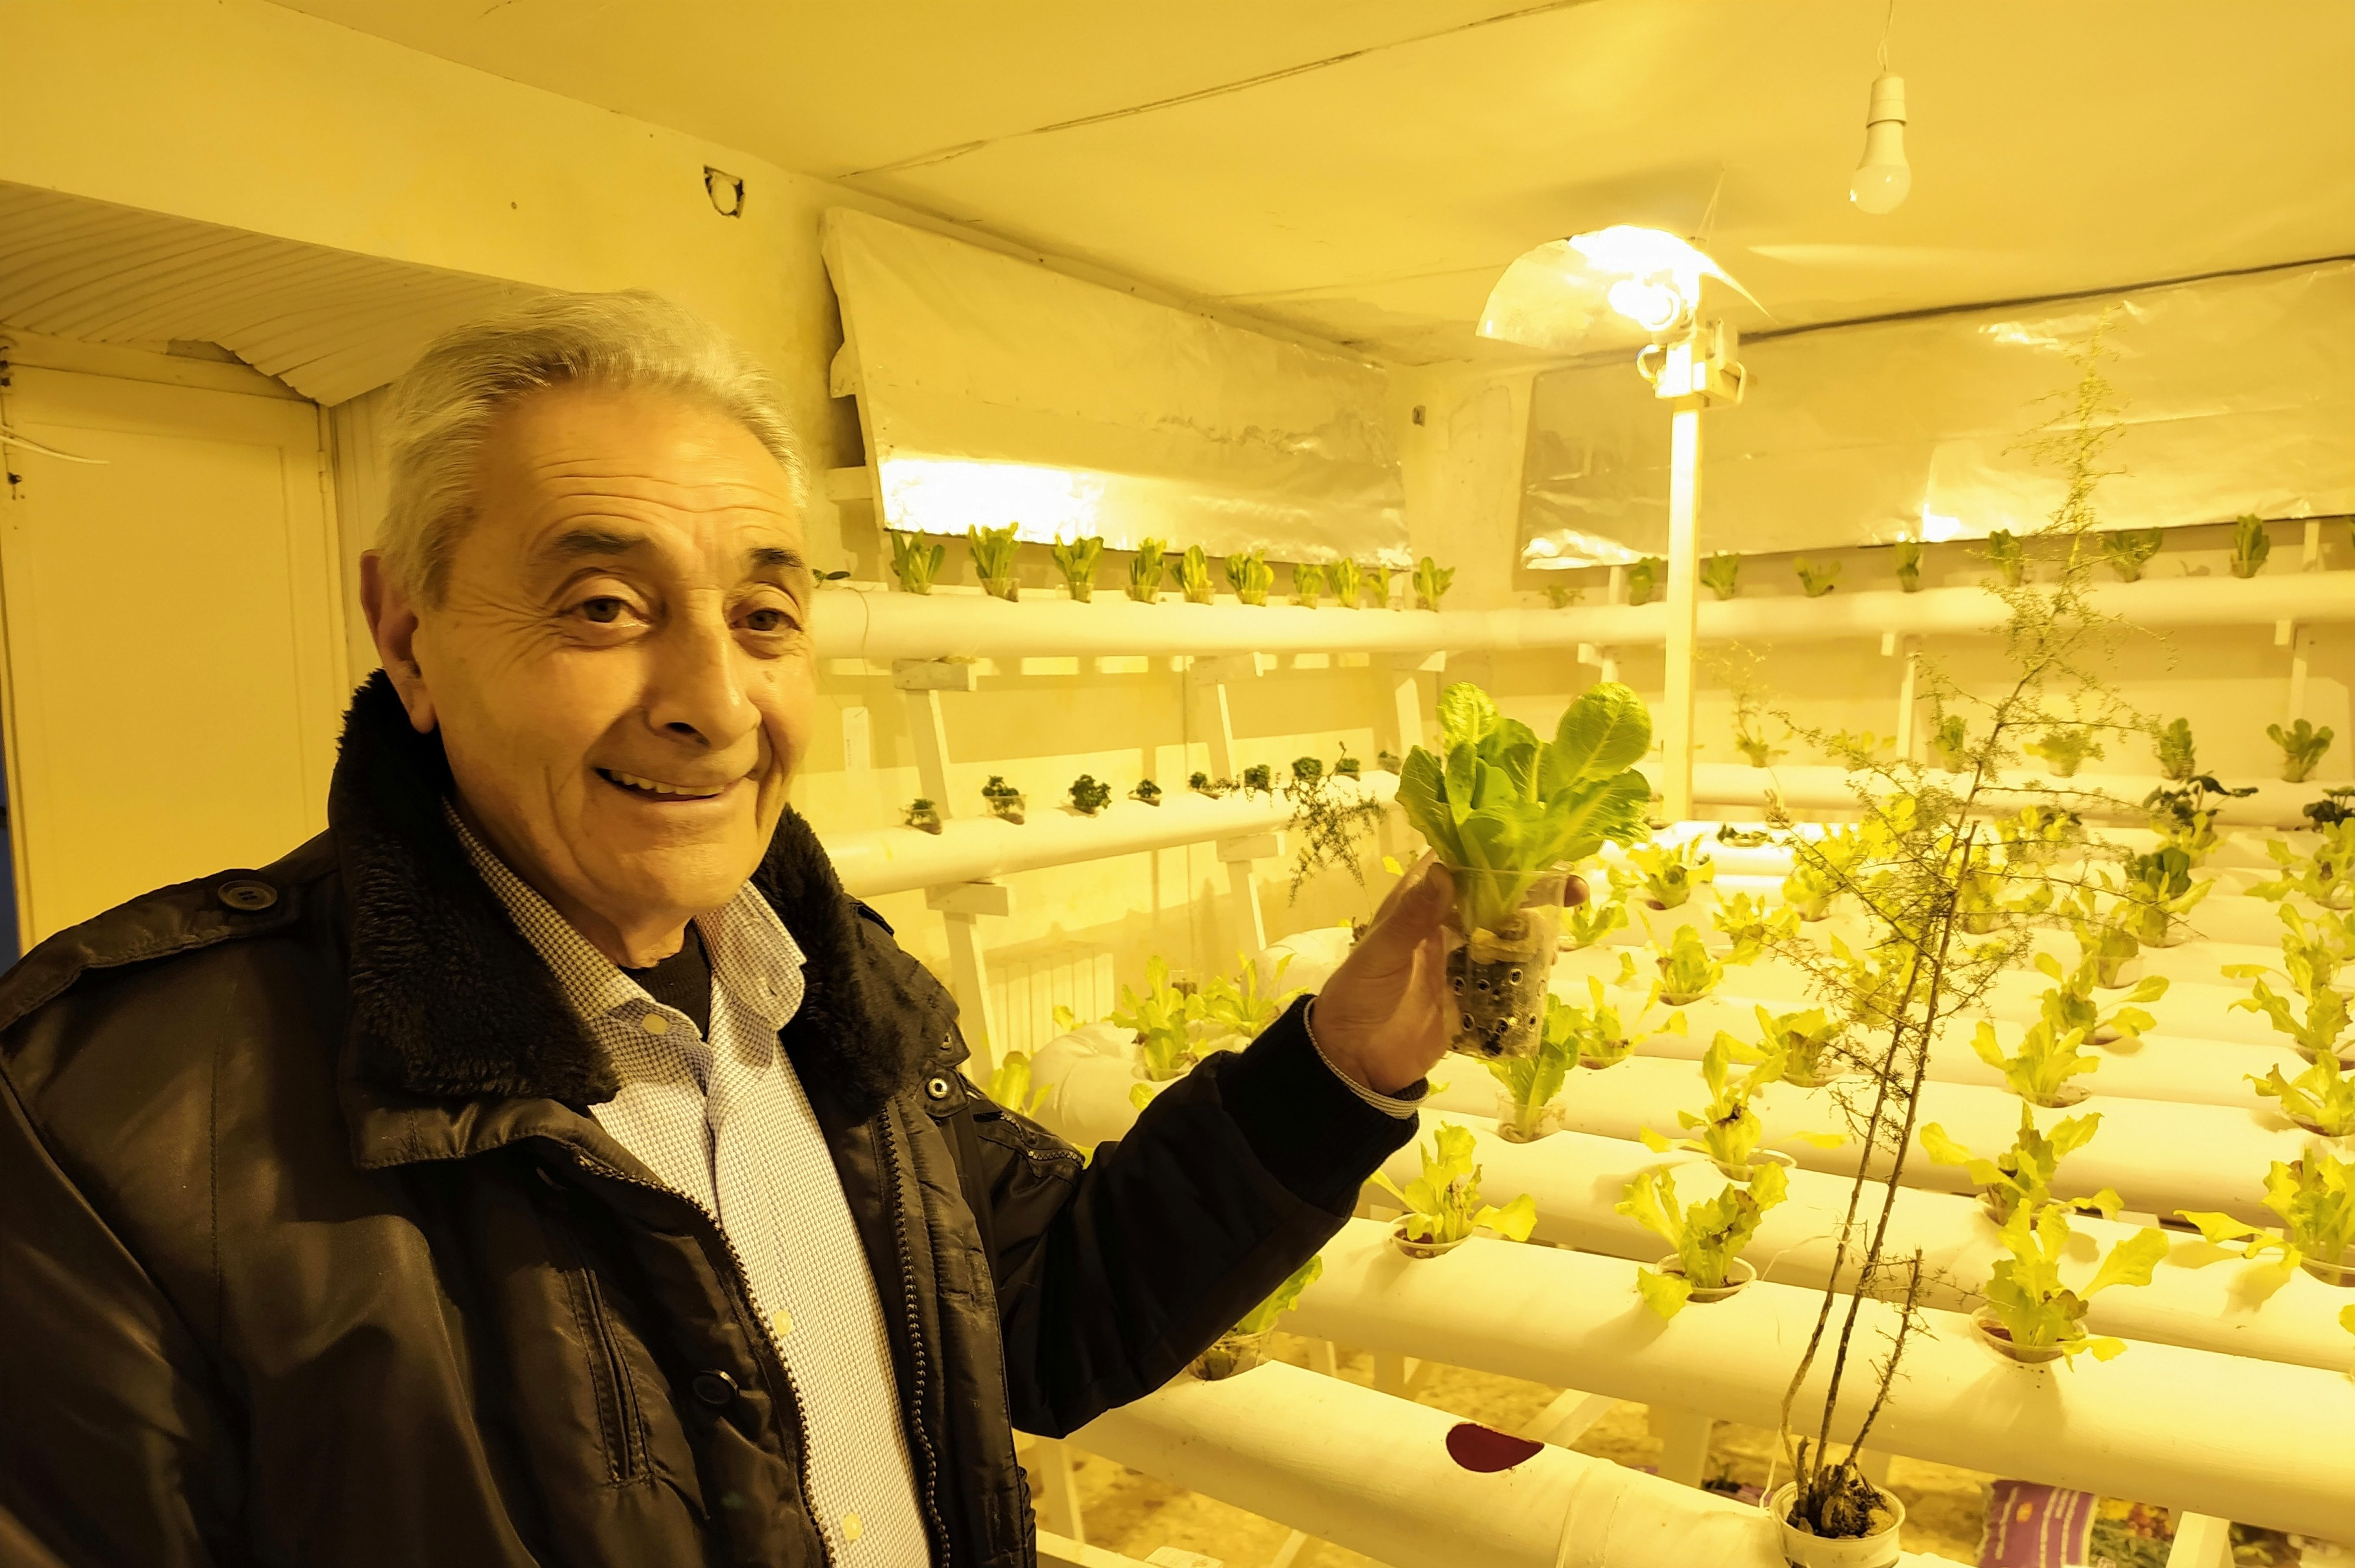 Agricoltura, coltivazione idroponica nel centro storico di Enna